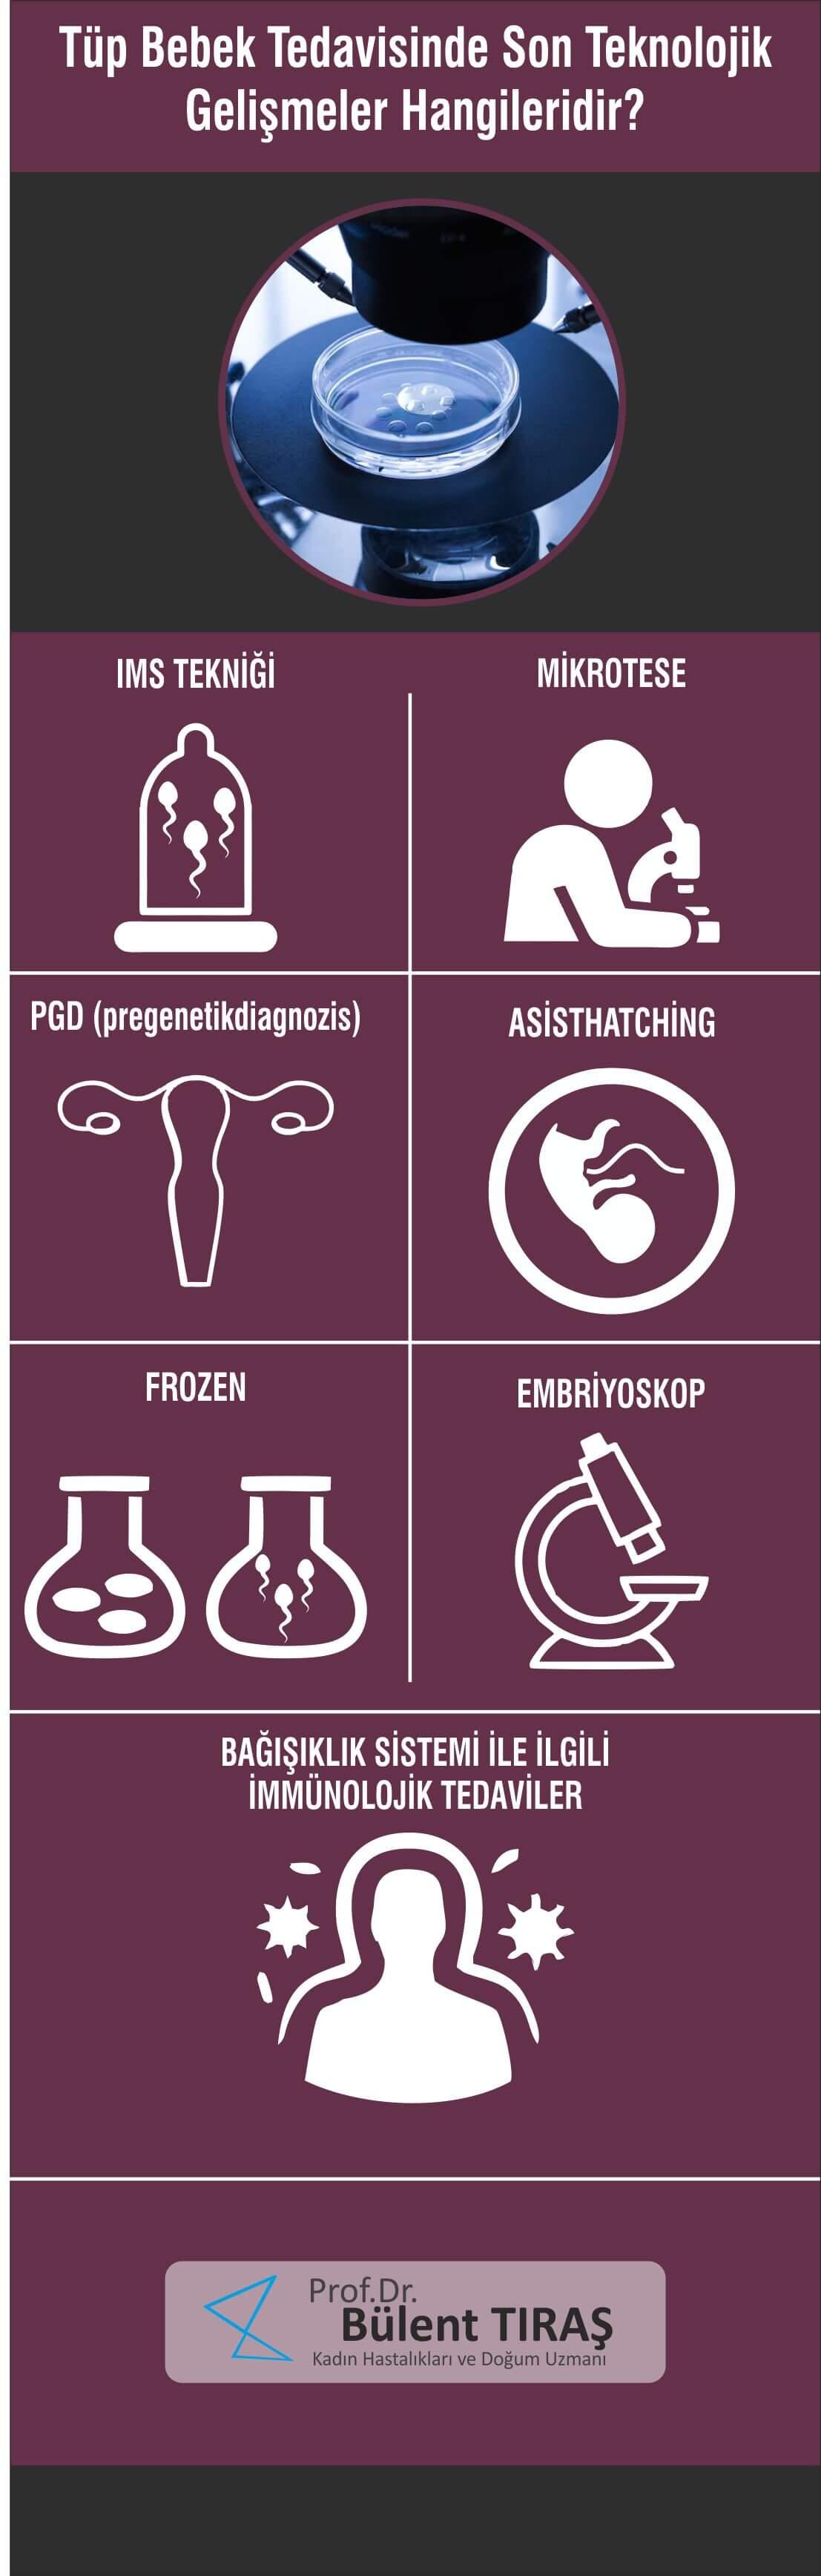 Tüp Bebek Tedavisi Kaç Kez Denenir